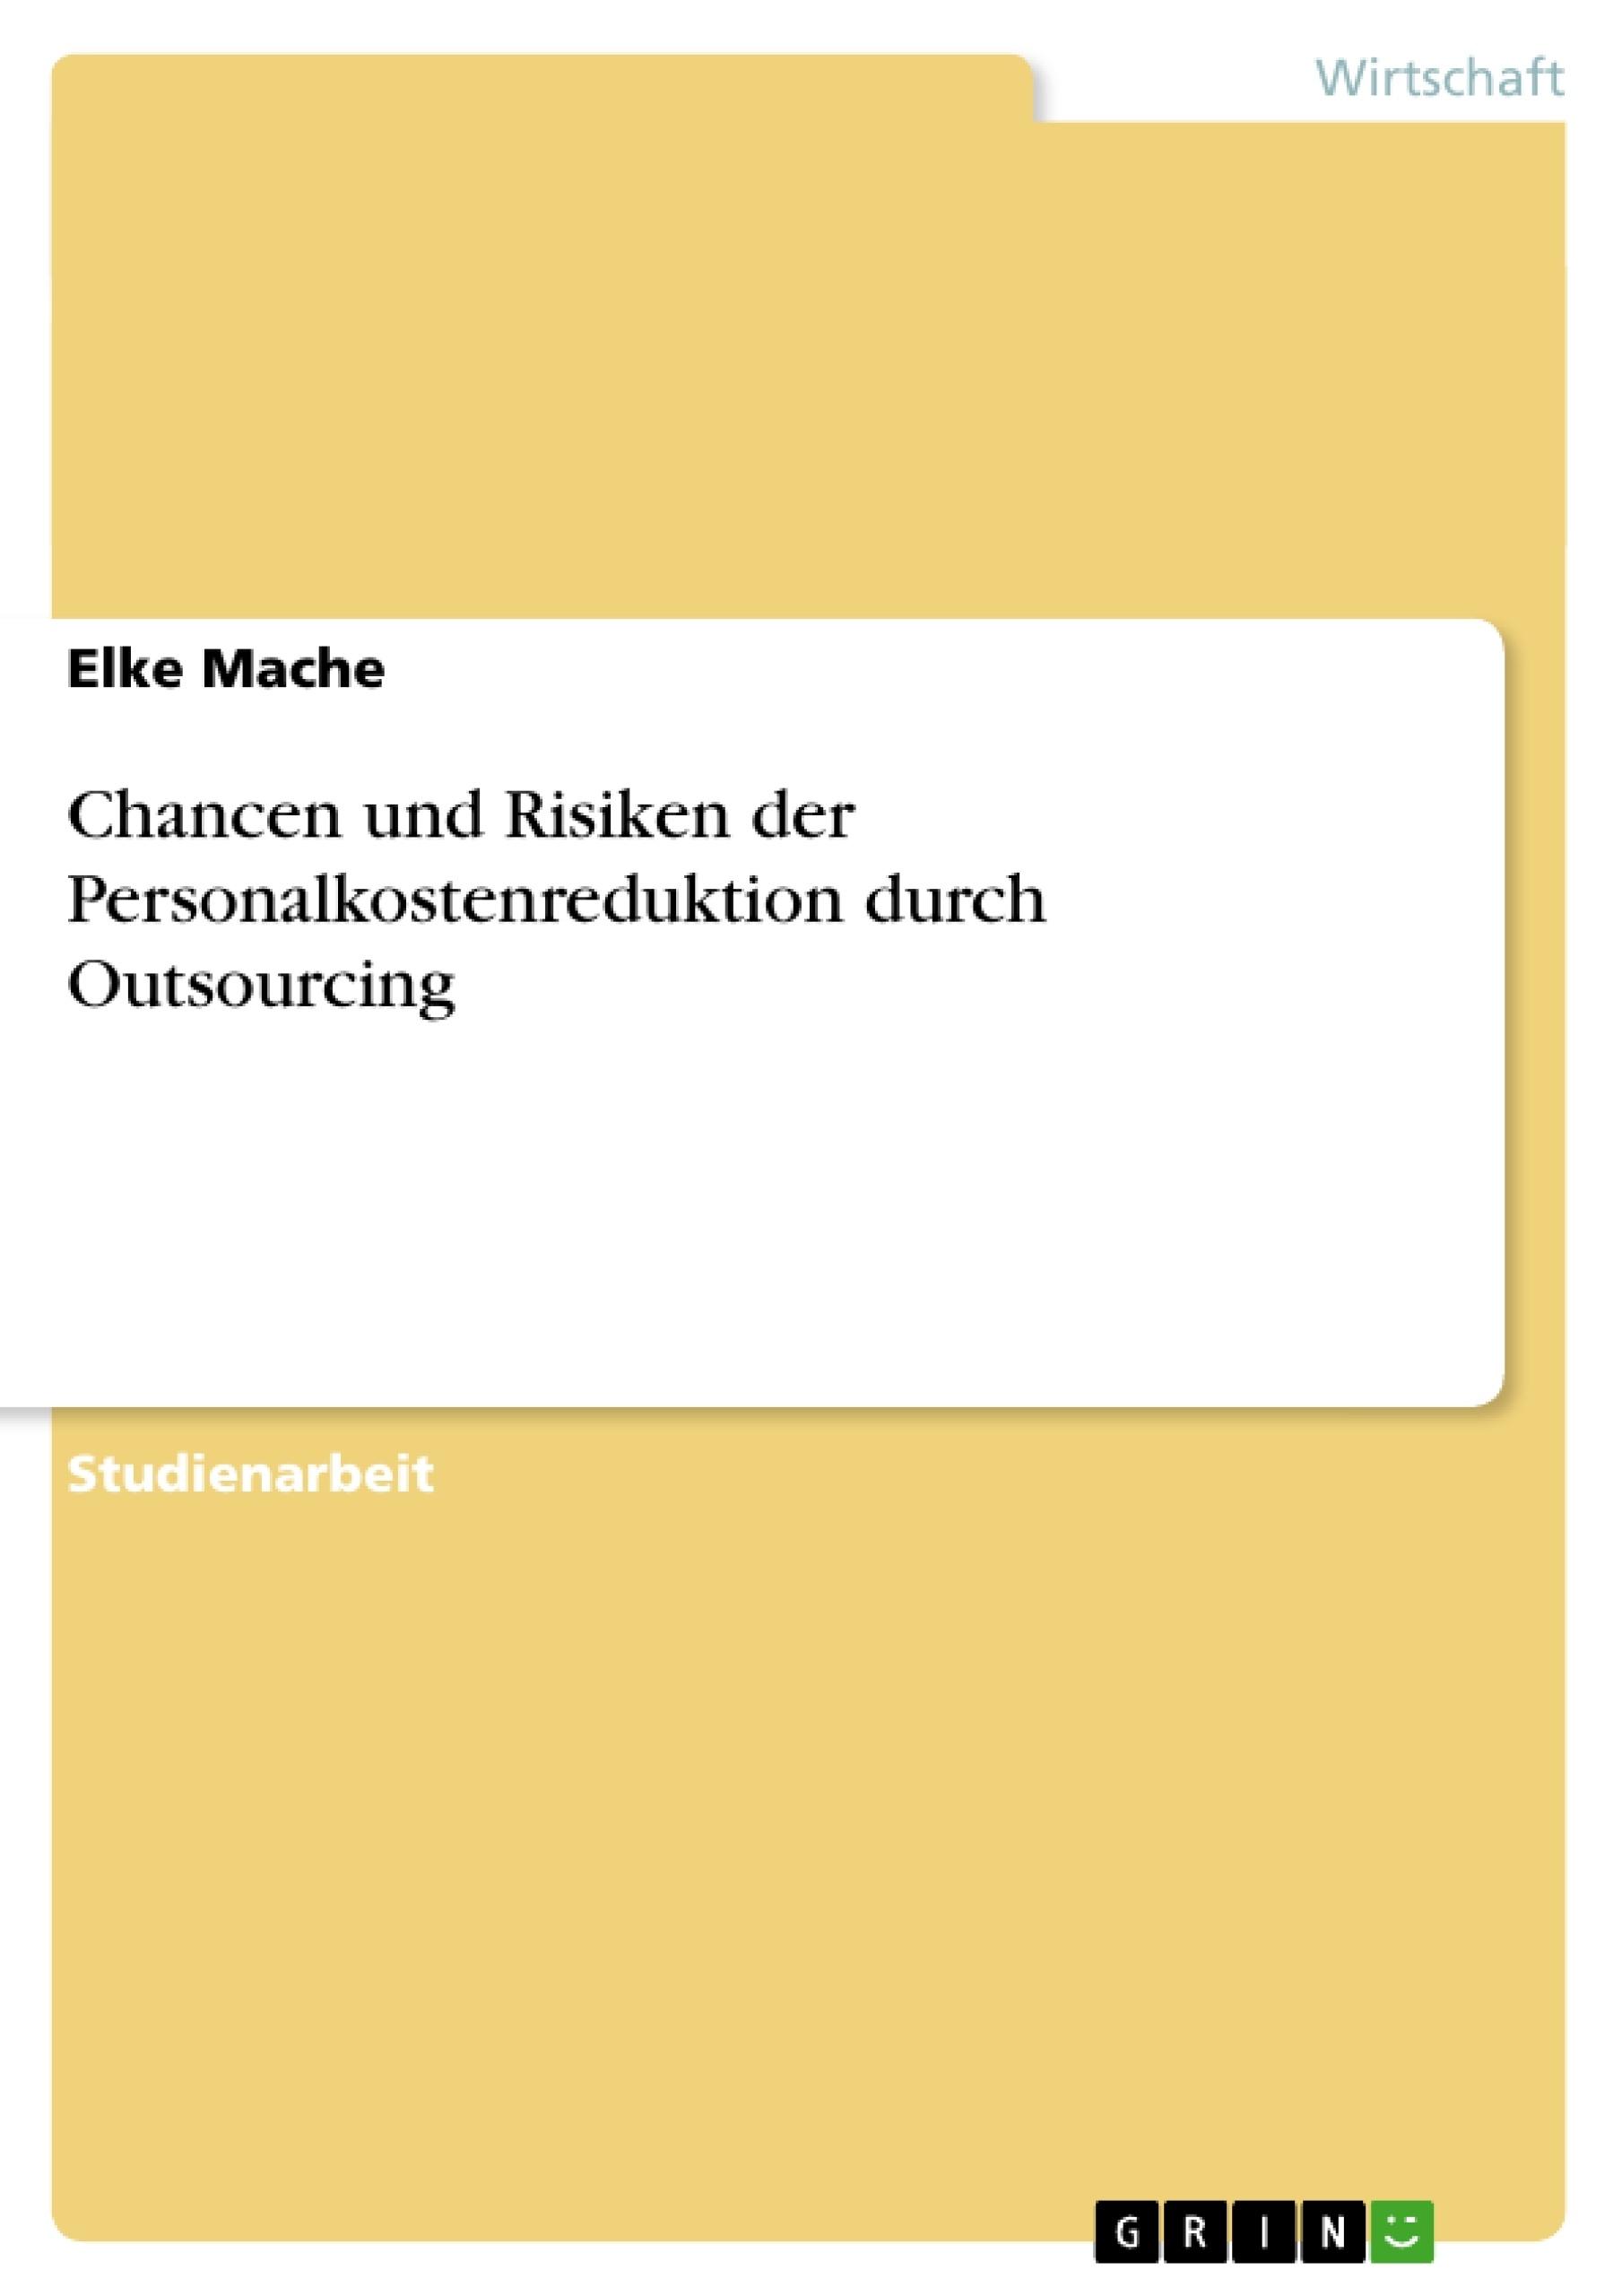 Titel: Chancen und Risiken der Personalkostenreduktion durch Outsourcing